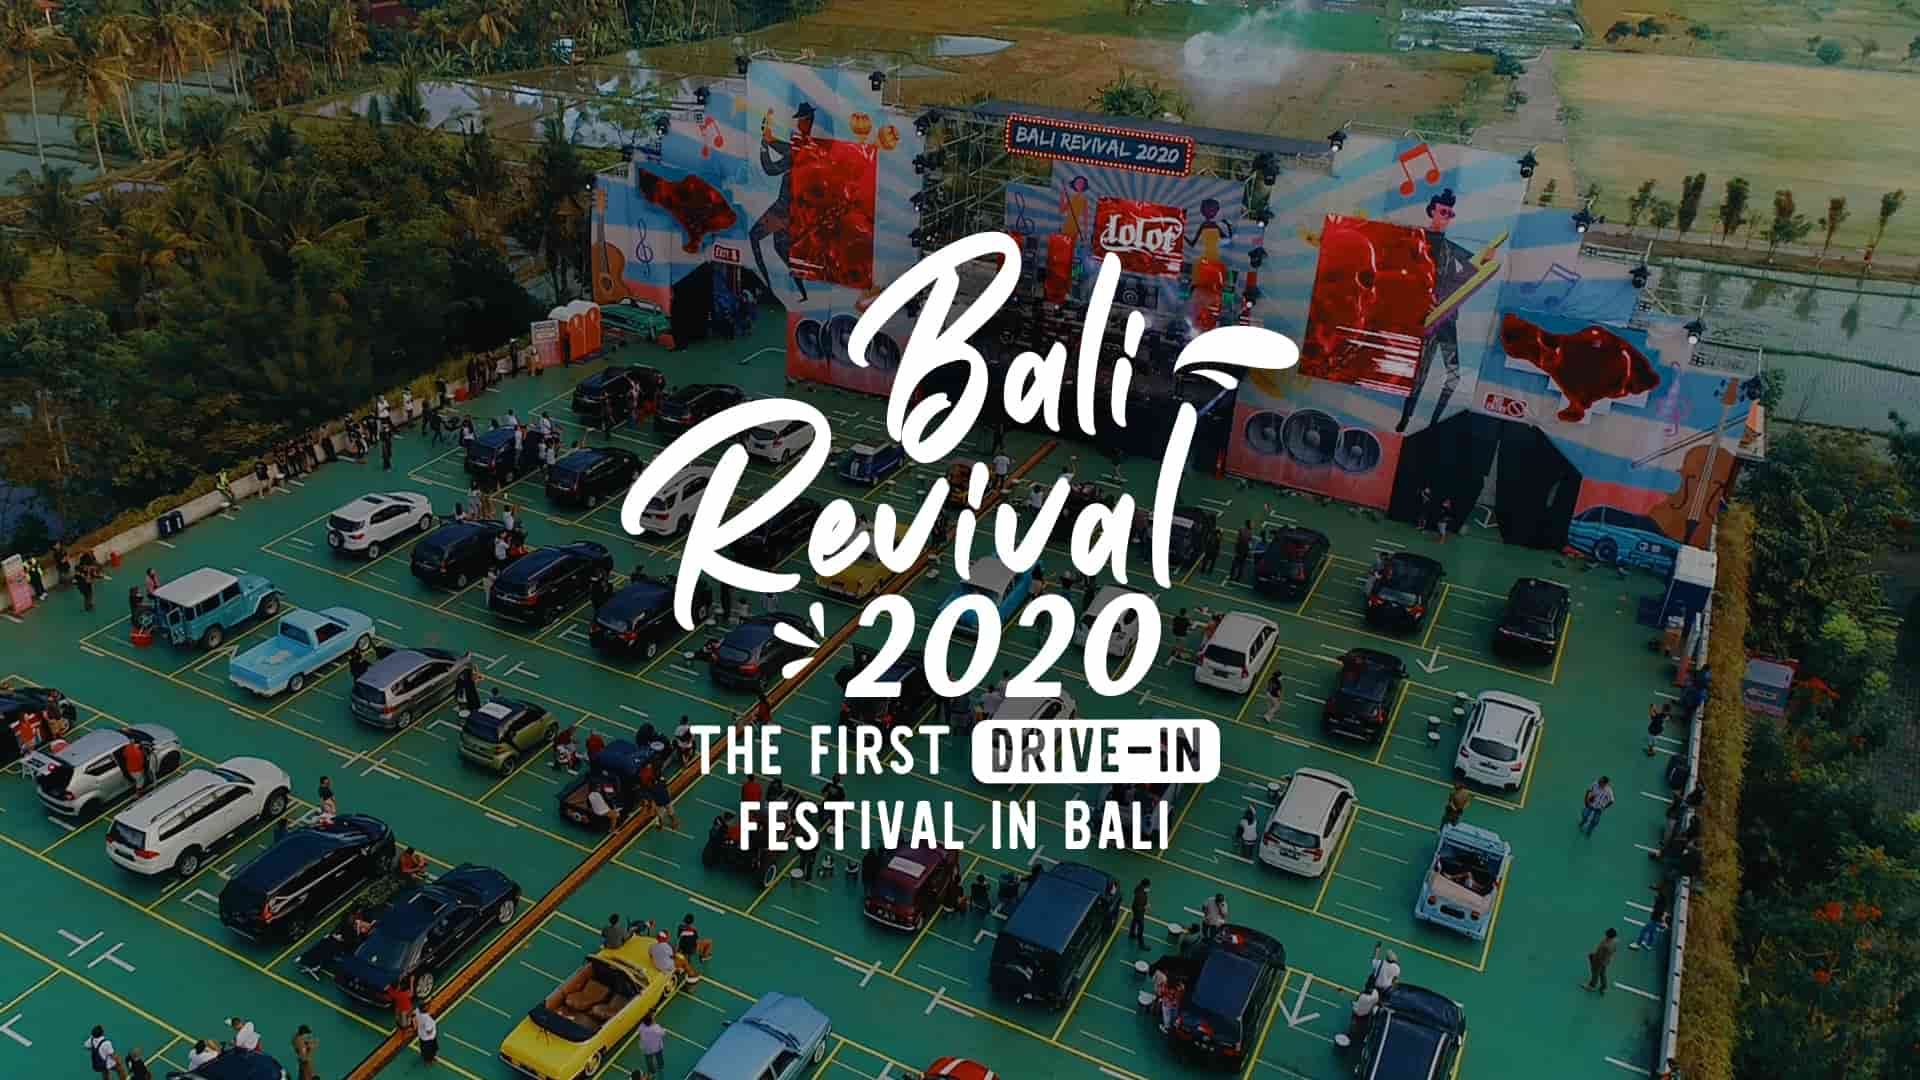 bali revival 2020